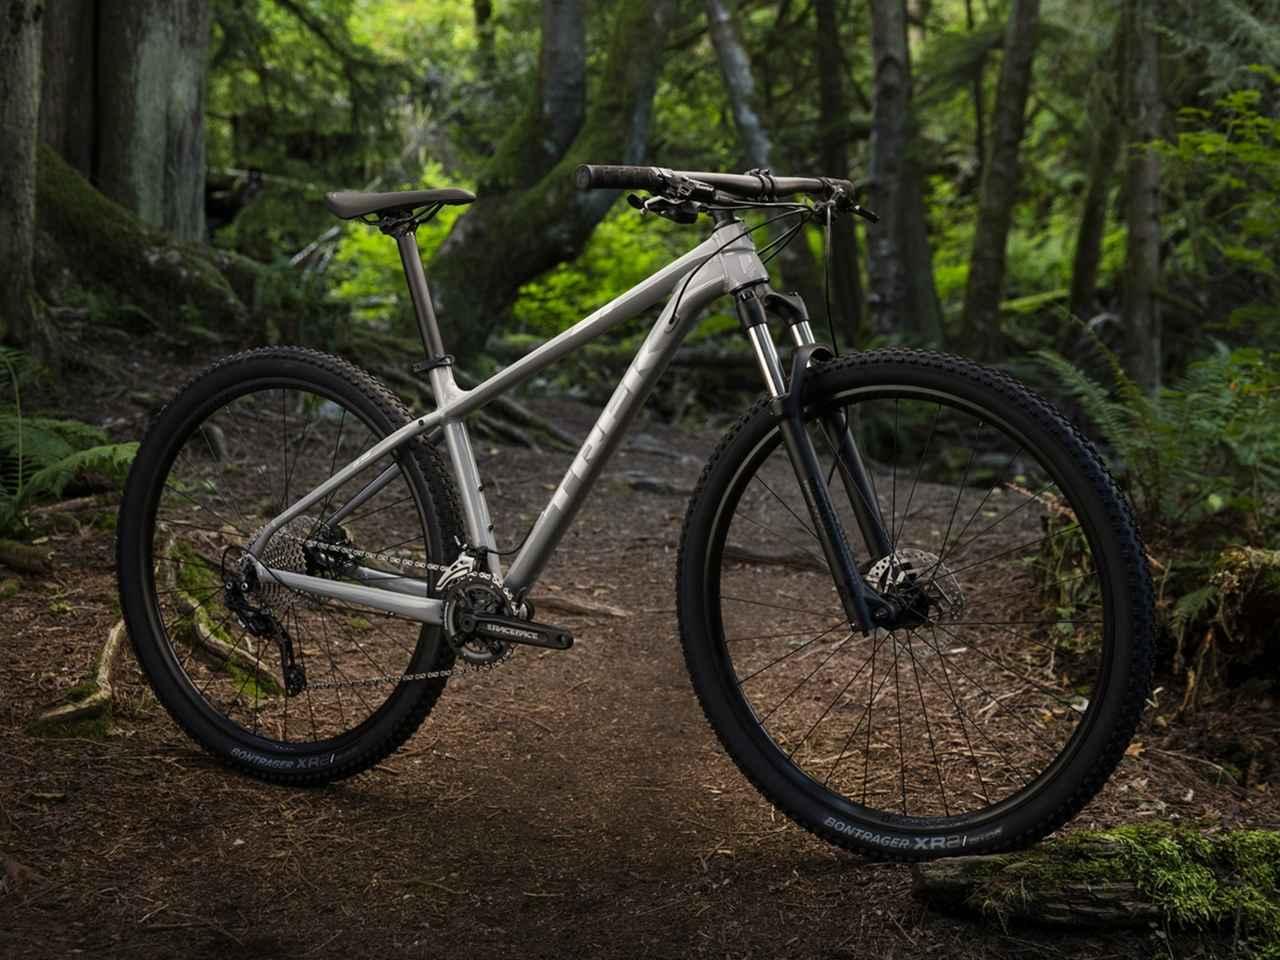 画像: X-Caliber 8 | Trek Bikes (JP)